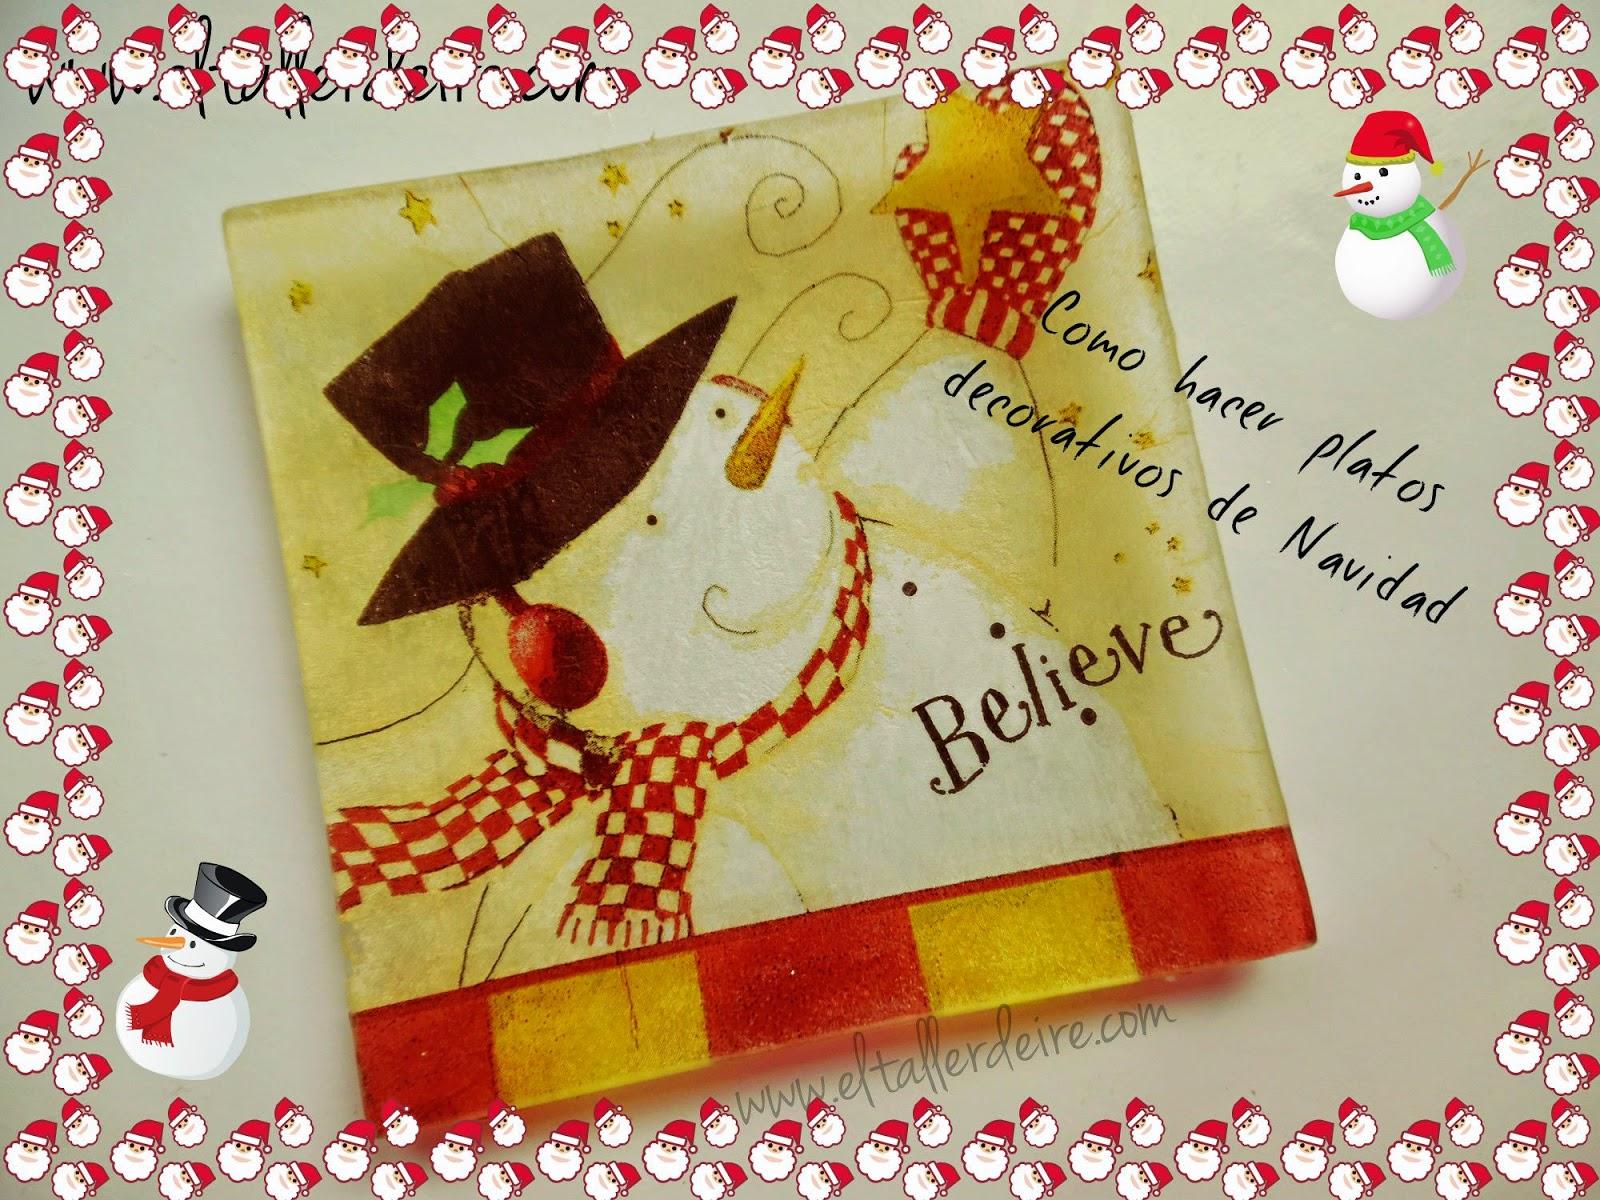 C mo hacer platos decorativos para navidad el taller de ire - Decorativos de navidad ...